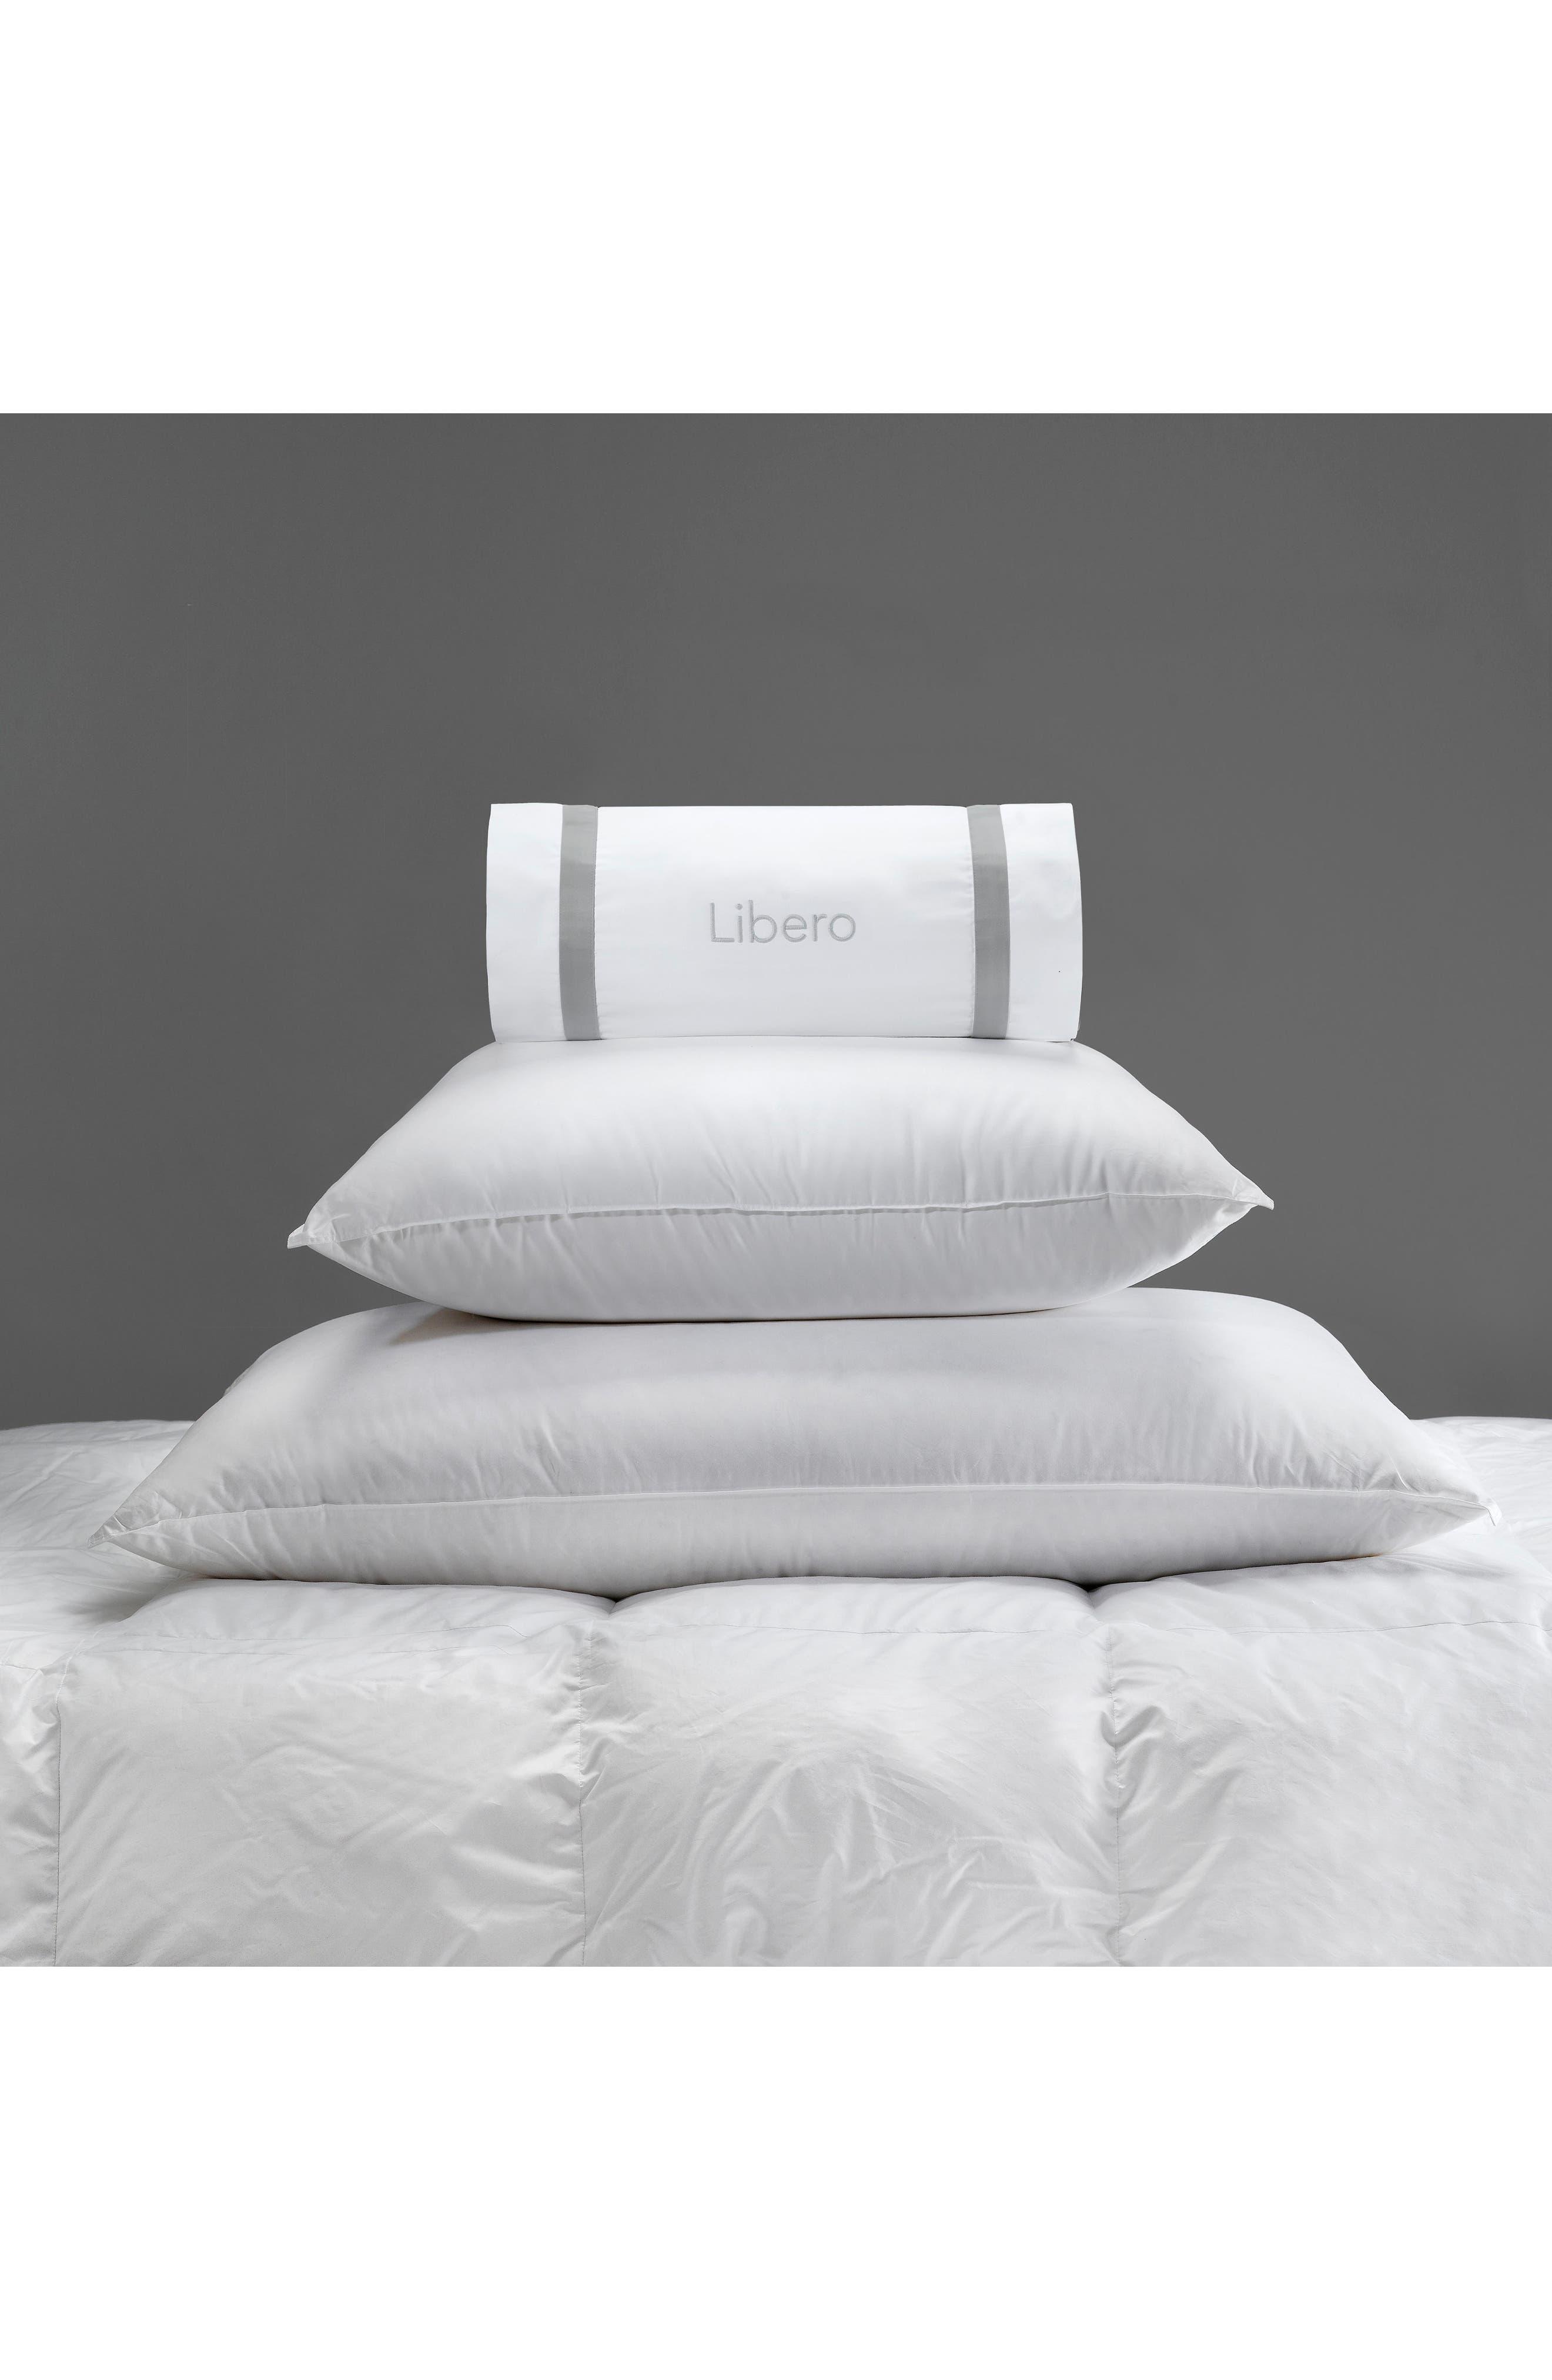 Libero 280 Thread Count Firm Euro Pillow,                             Alternate thumbnail 2, color,                             White